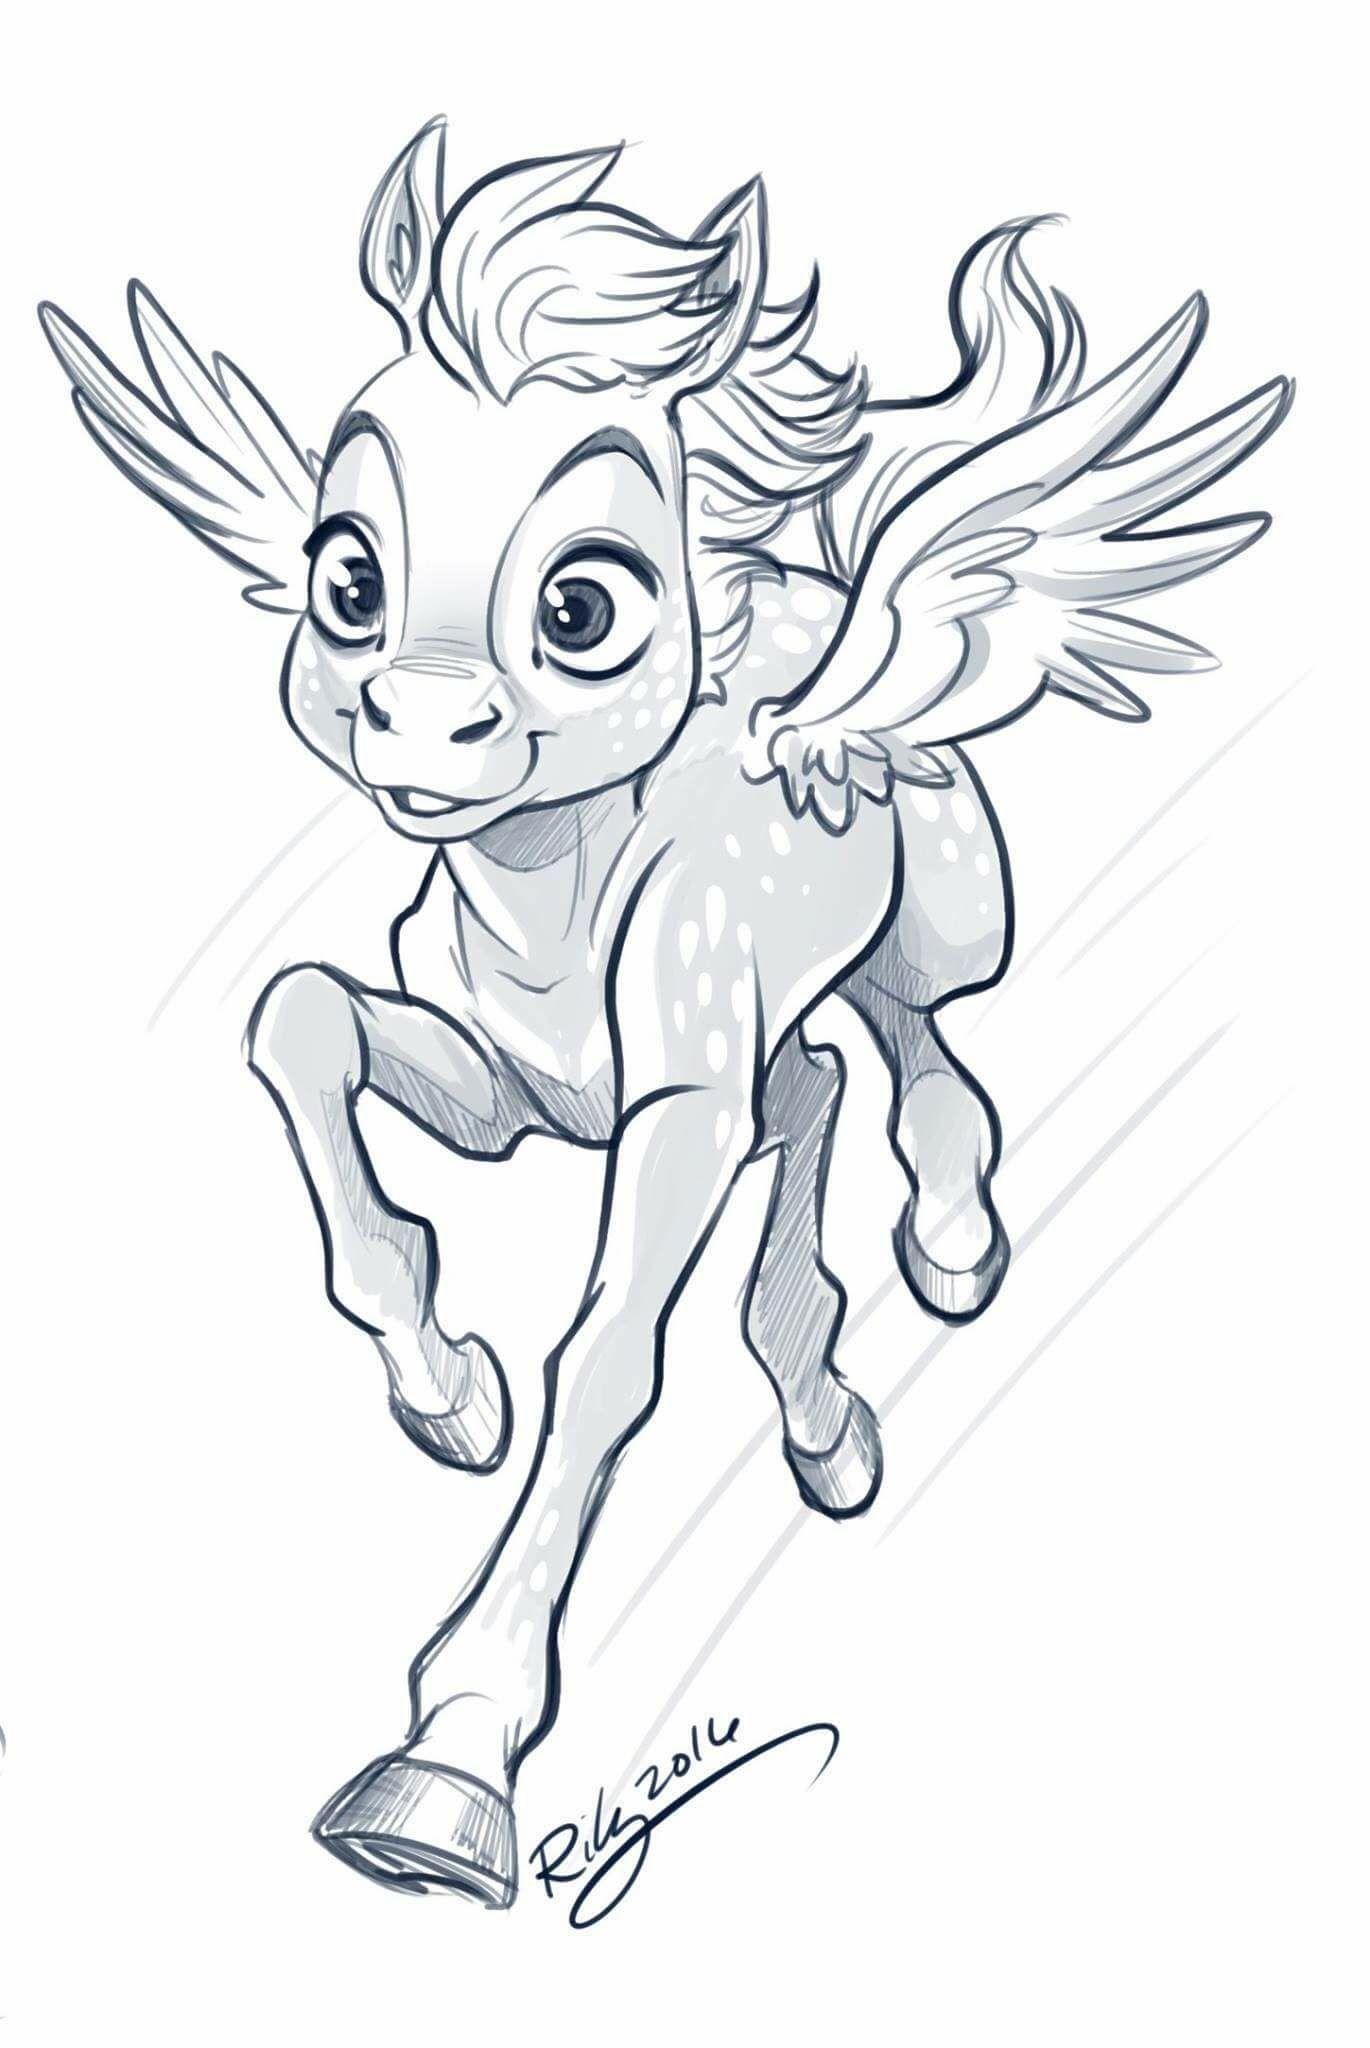 Ausmalbilder Robin Hood Disney : Pin By Sandra Br Ckner On Ausmalbilder Pinterest Draw Drawing